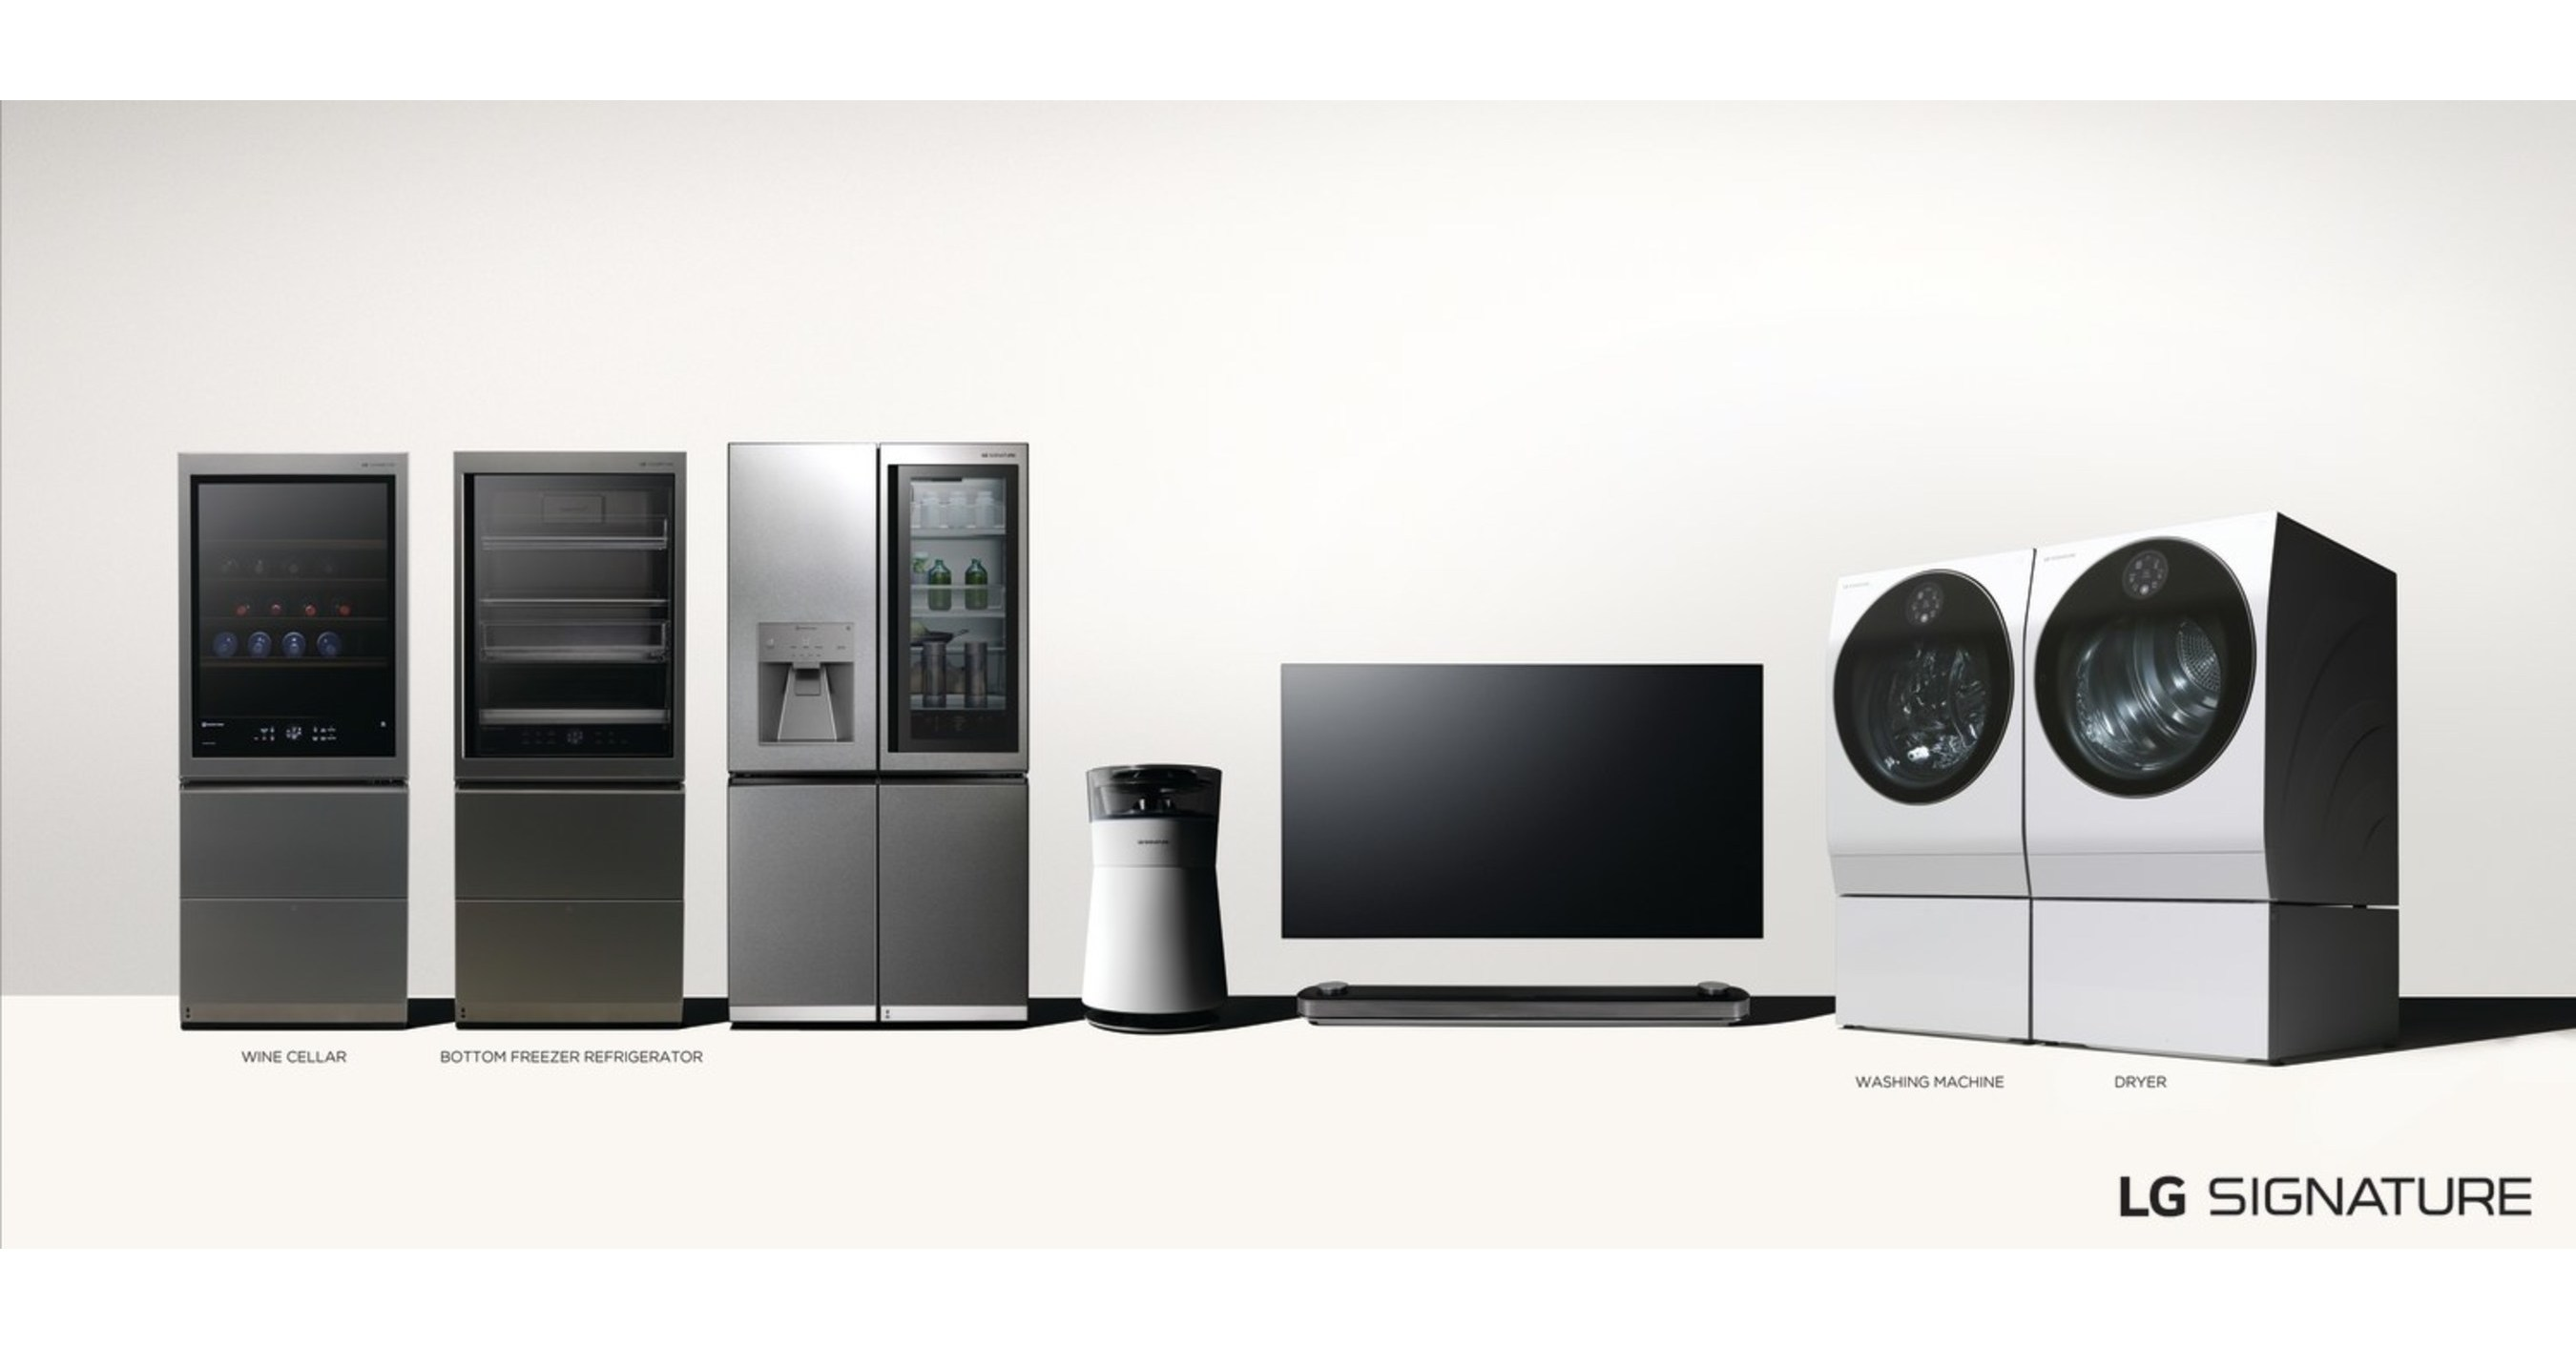 LG erweitert Ultra-Premium-Reihe mit neuen Produkten und Weinkeller im Blickpunkt